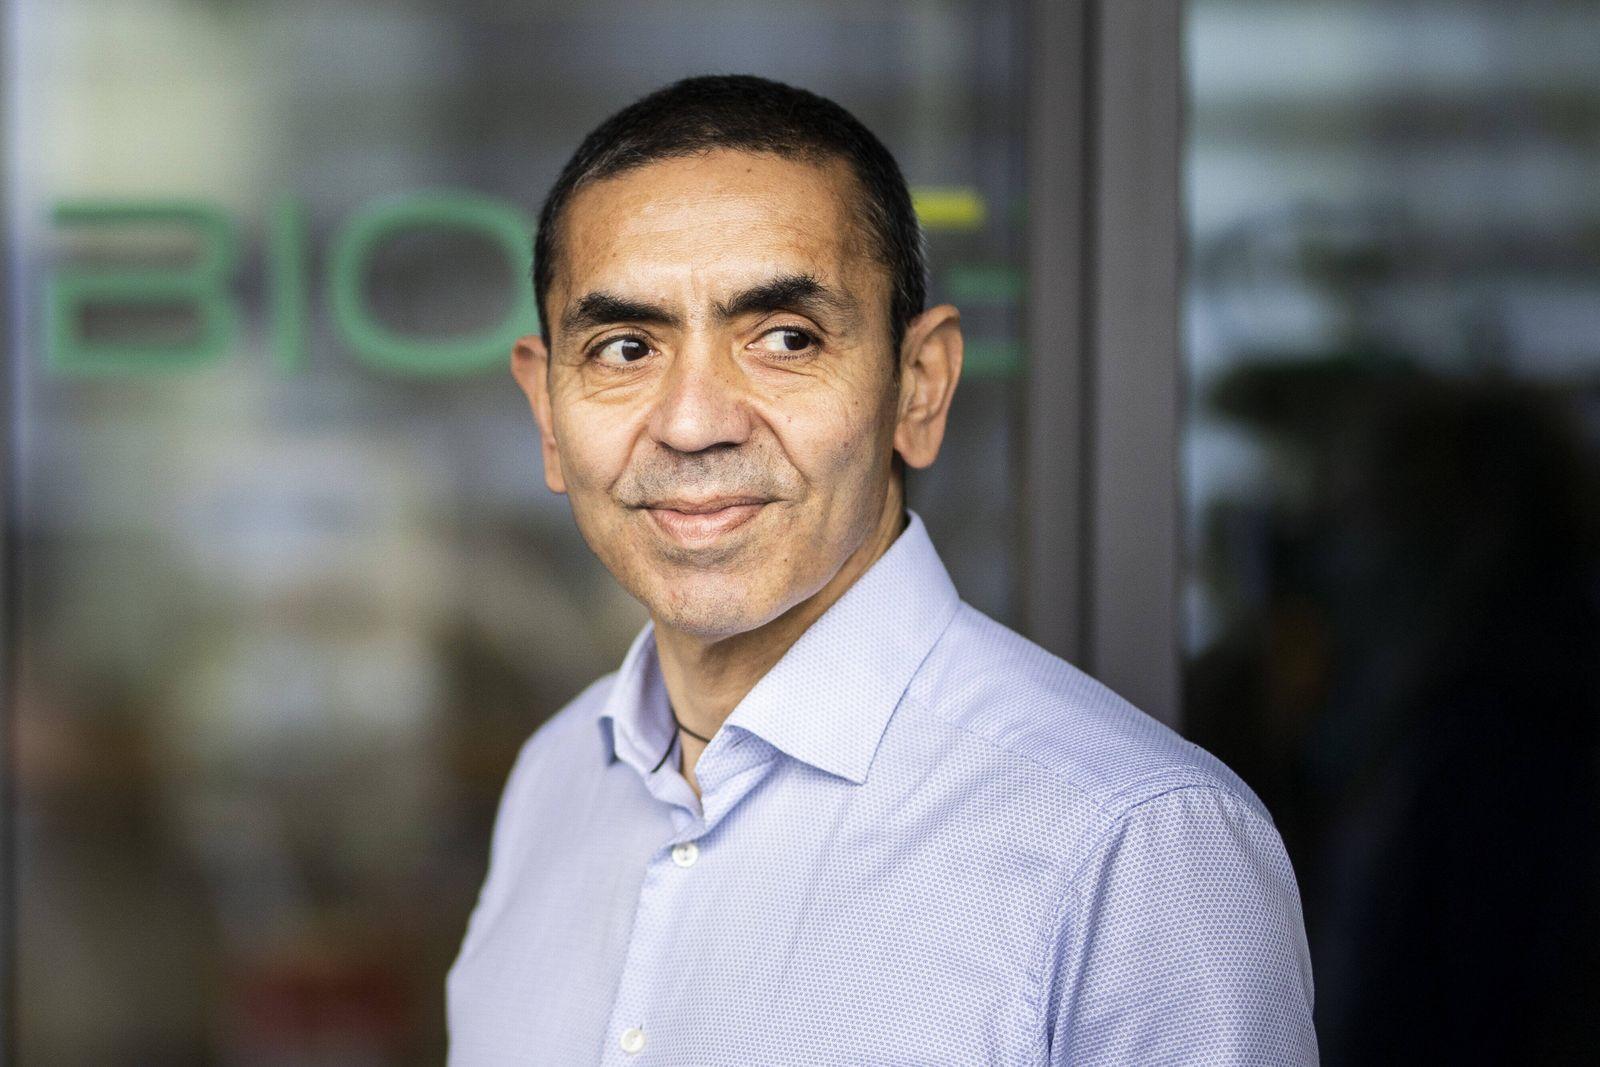 Prof. Ugur Sahin, Vorstandsvorsitzenden der Firma Biontech SE, aufgenommen in Mainz, 04.12.2020. Mainz Germany *** Prof